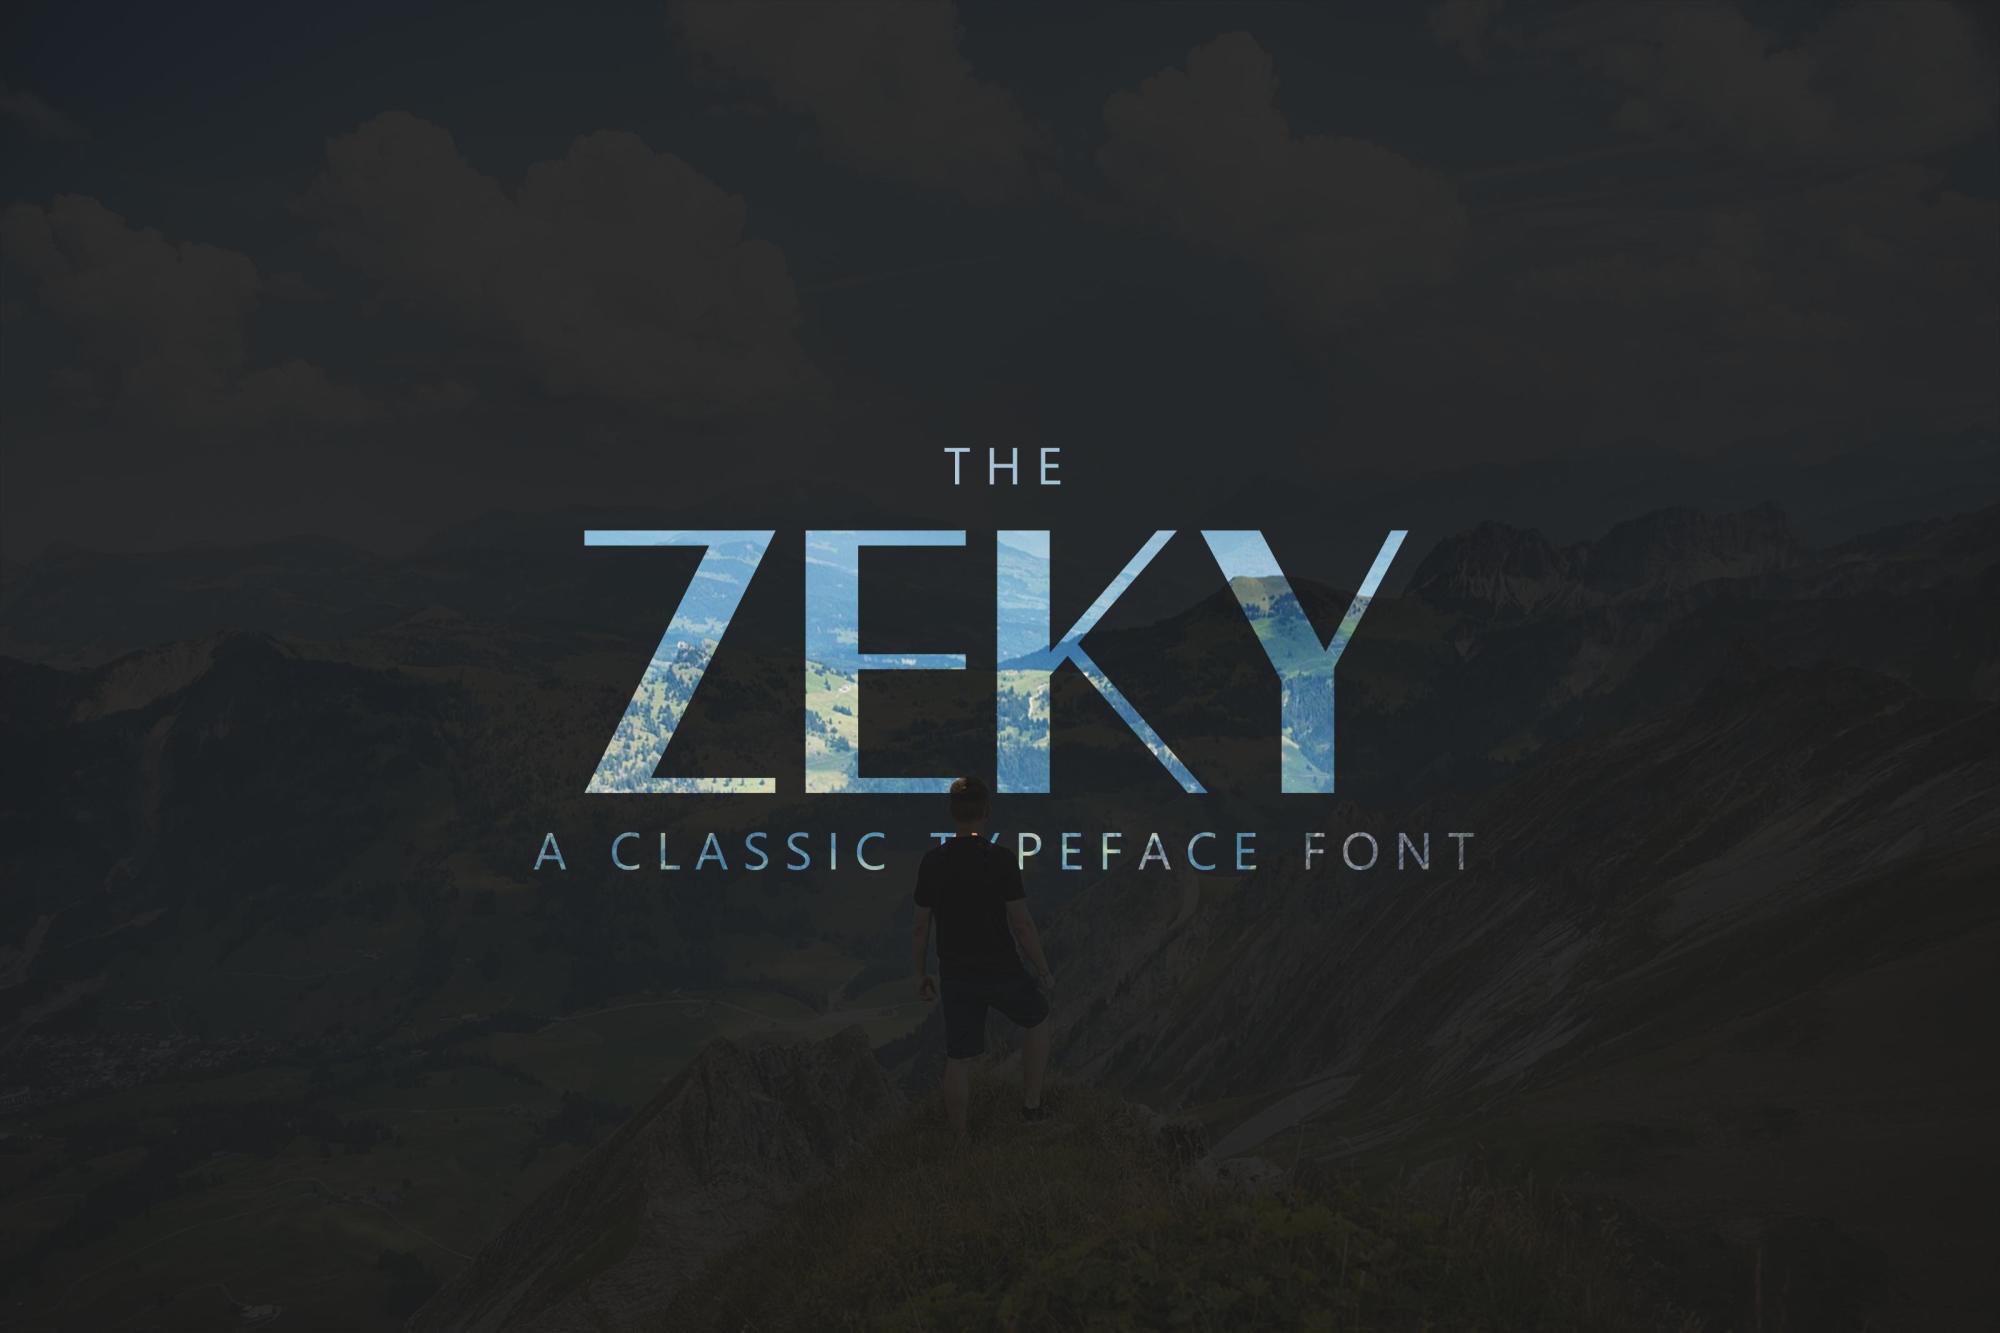 Zeky Typeface Font example image 1